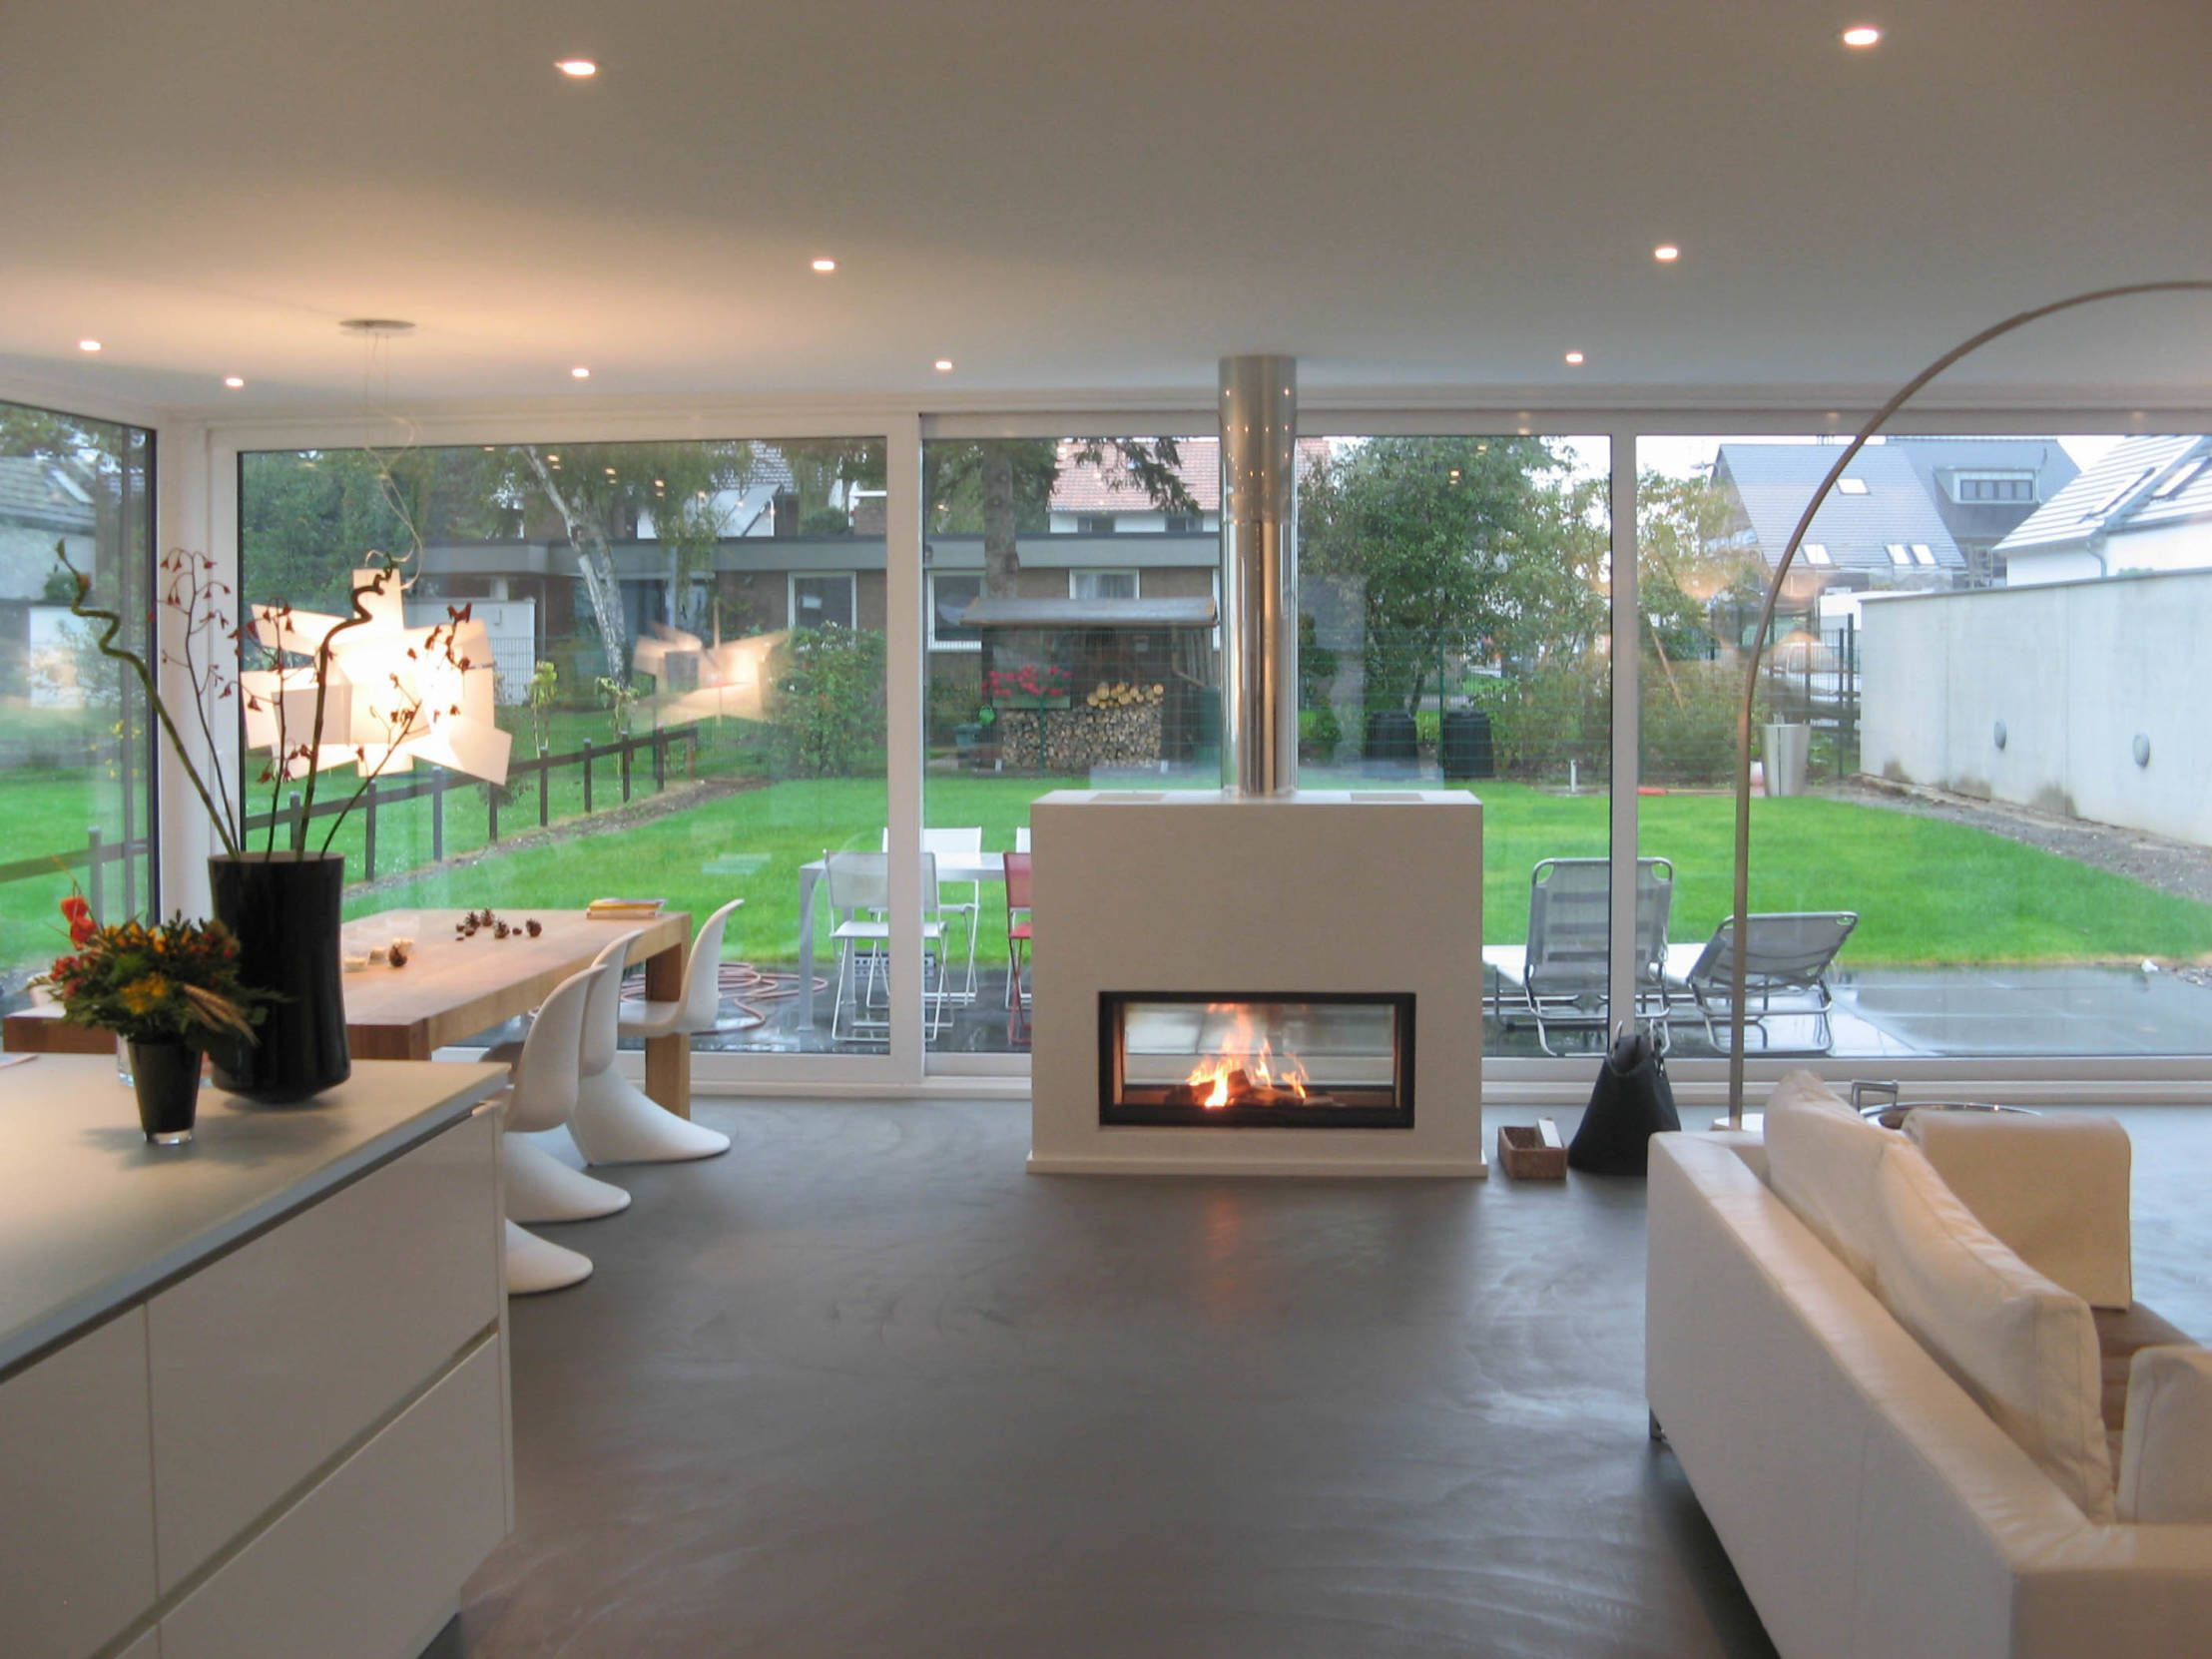 Kleines Haus mit ganz viel Platz | Haus, Exterior design and Interiors